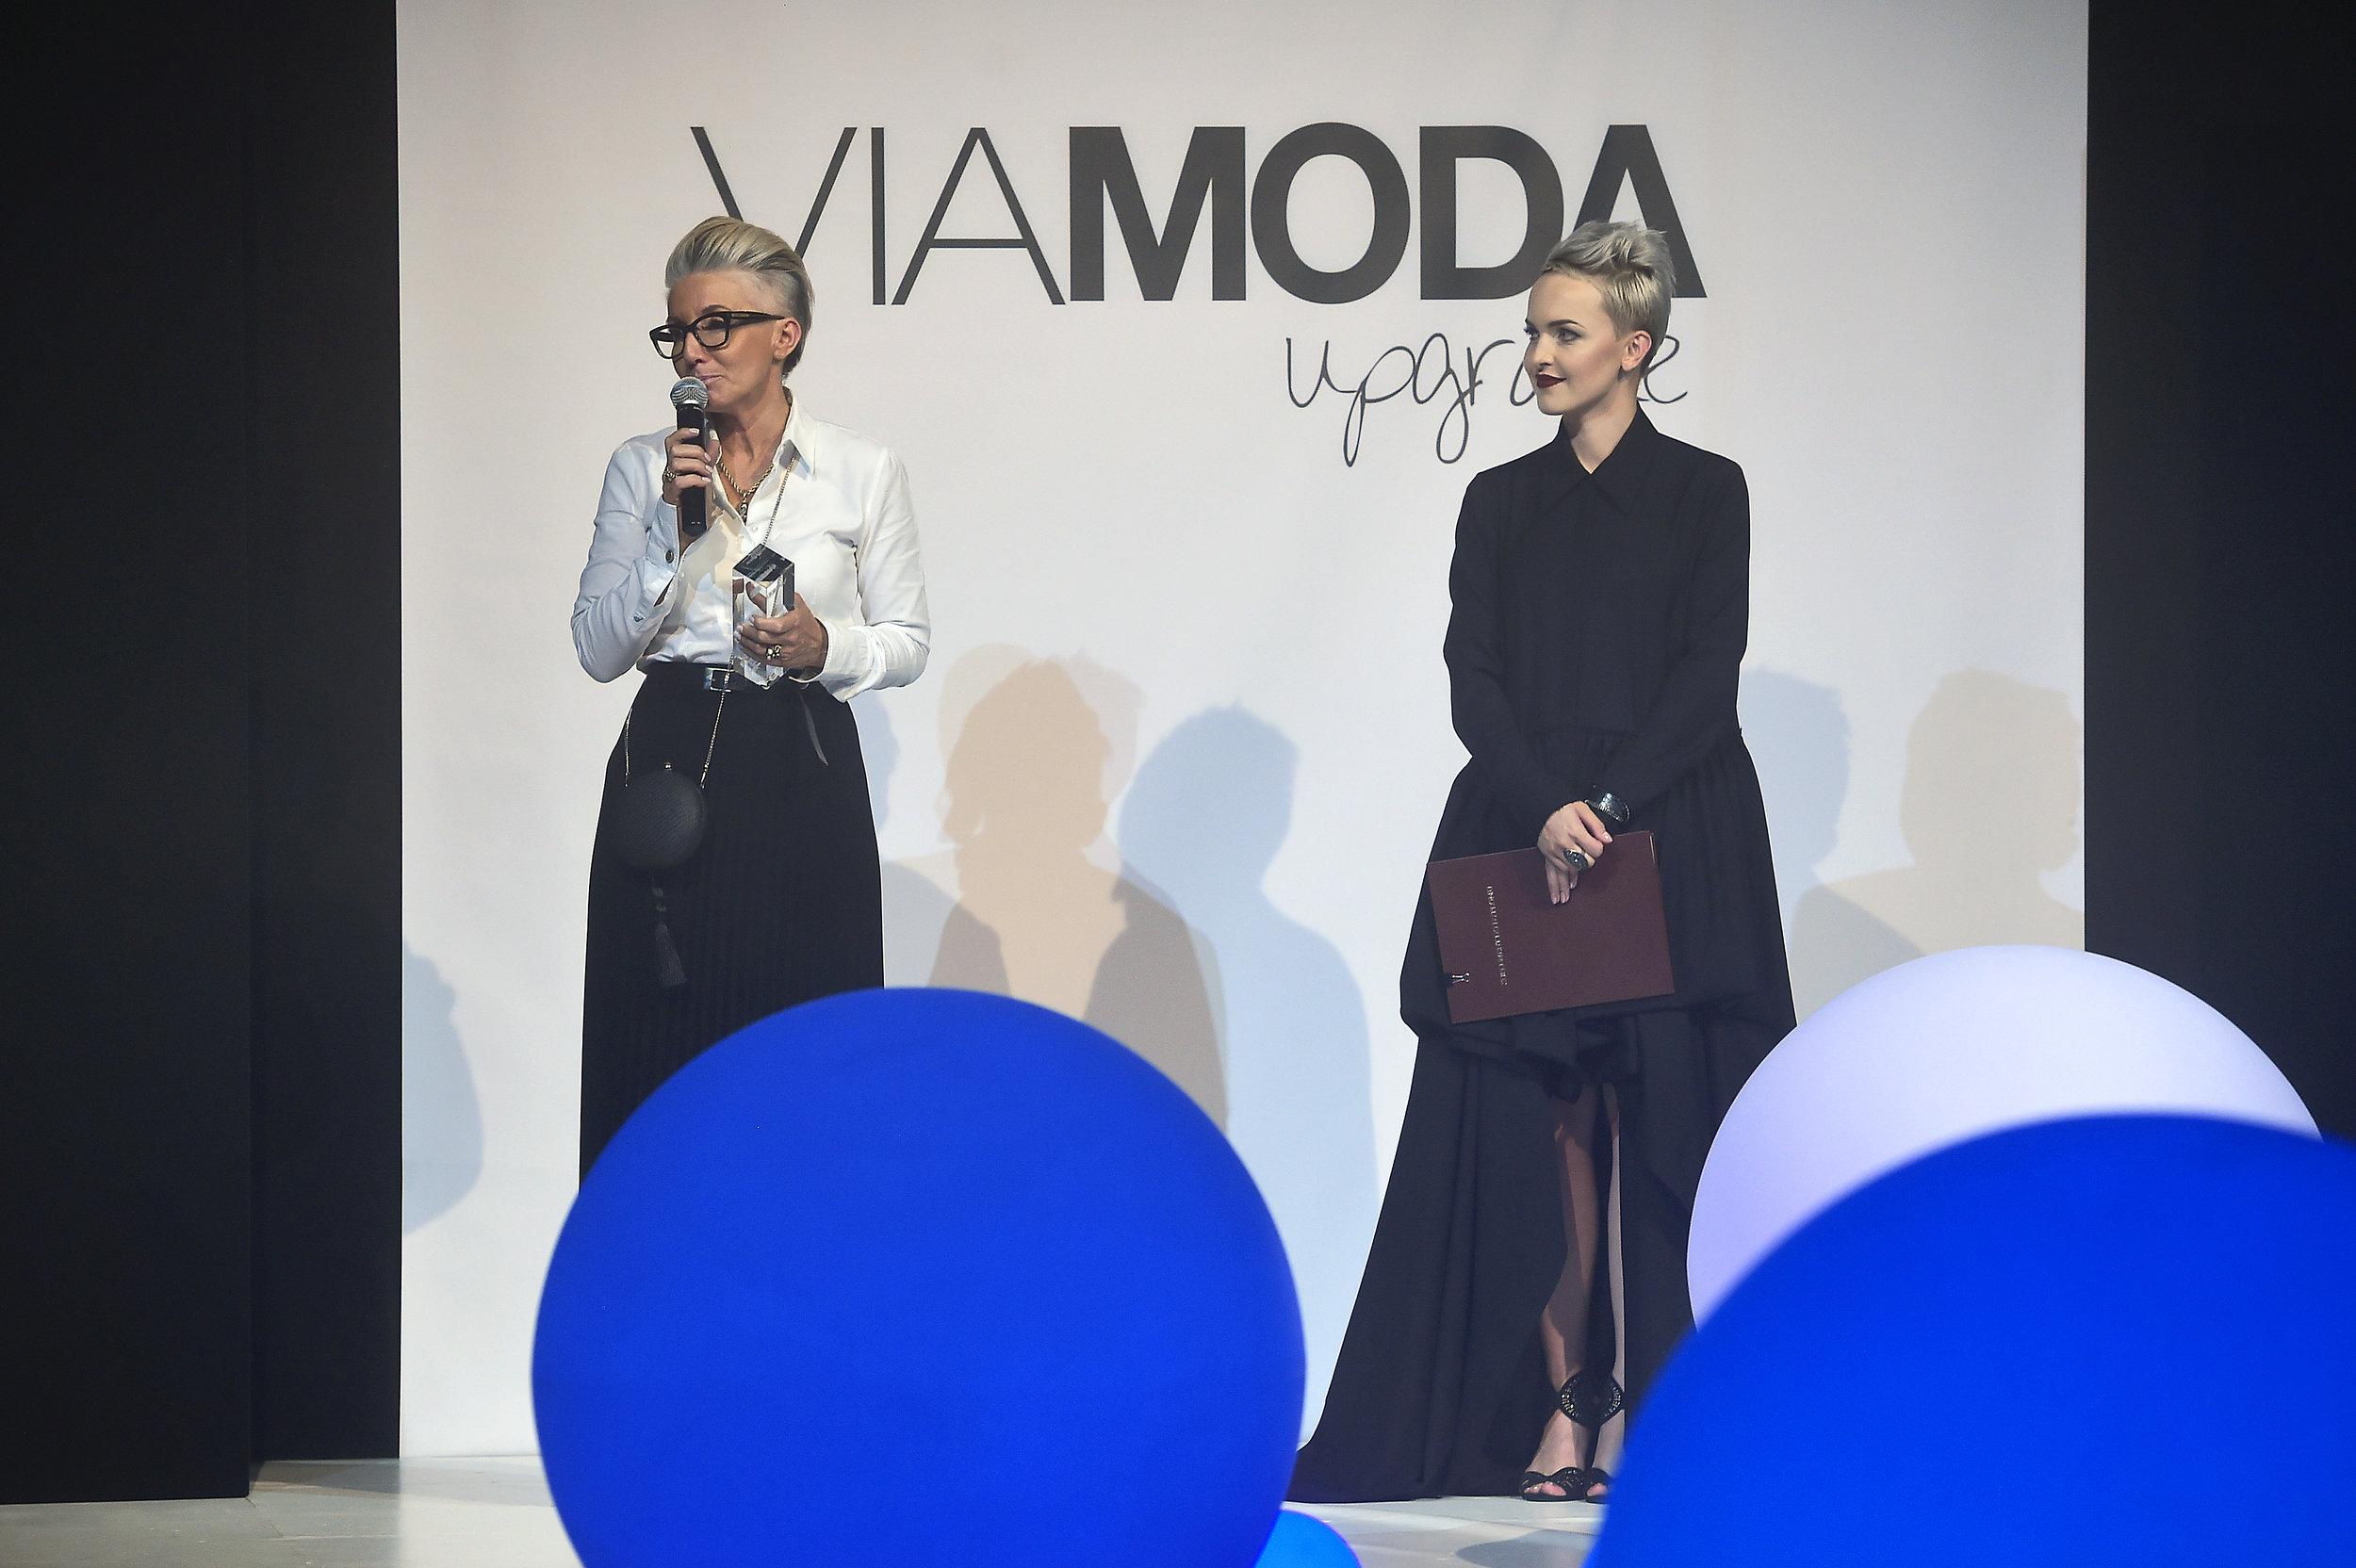 Od lewej: Prorektor dr. inż. Marzanna Lesiakowska - Jabłońska oraz prowadząca wieczór - Aneta Mazurek /fot. Jacek Kurnikowski - AKPA